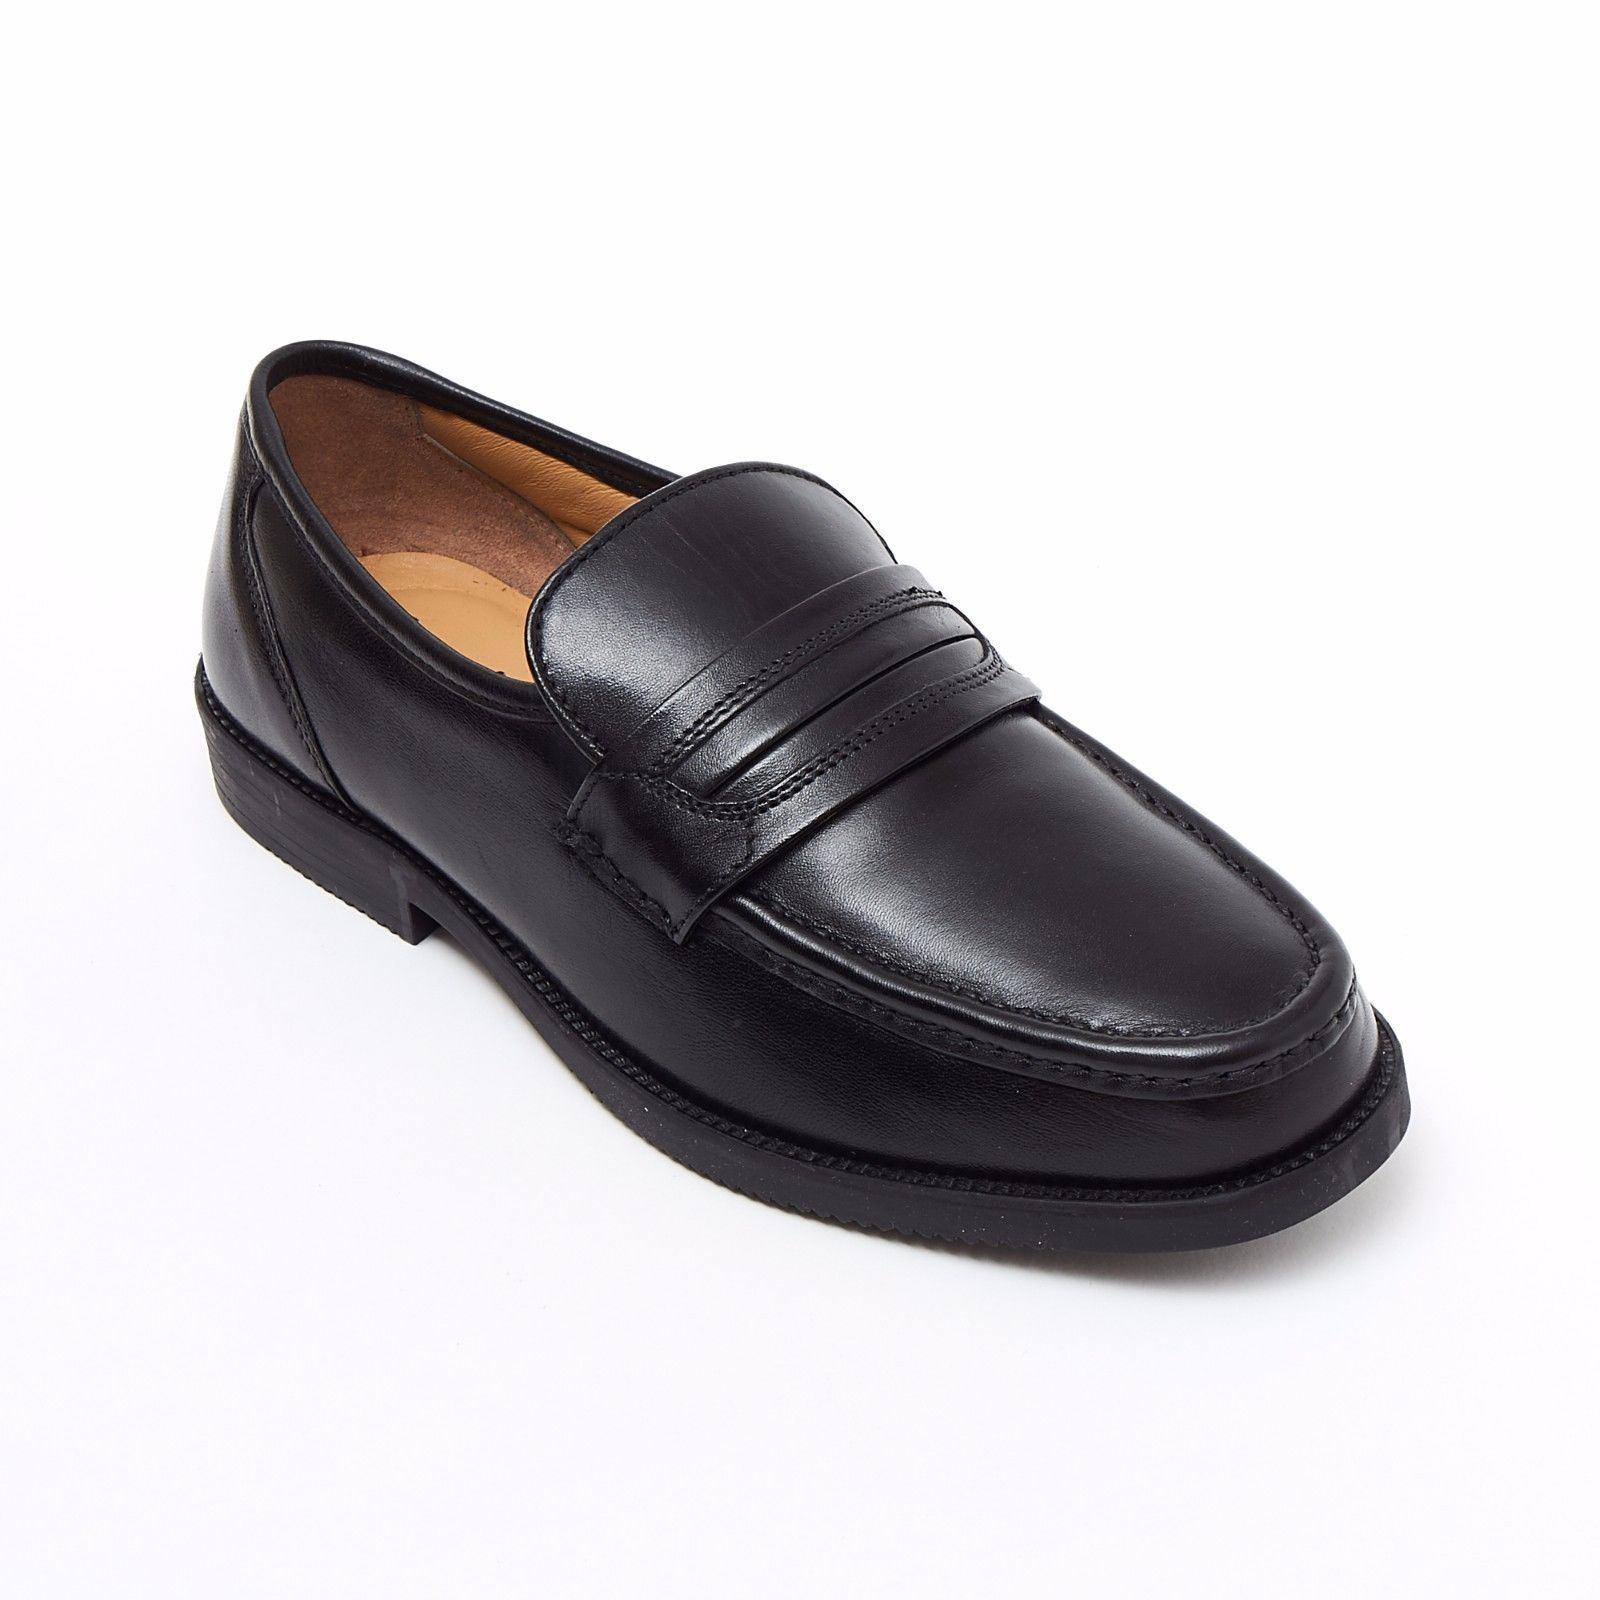 Lucini Formal Men Black Leather Mocassin Heels shoes Slip On Wedding Loafer